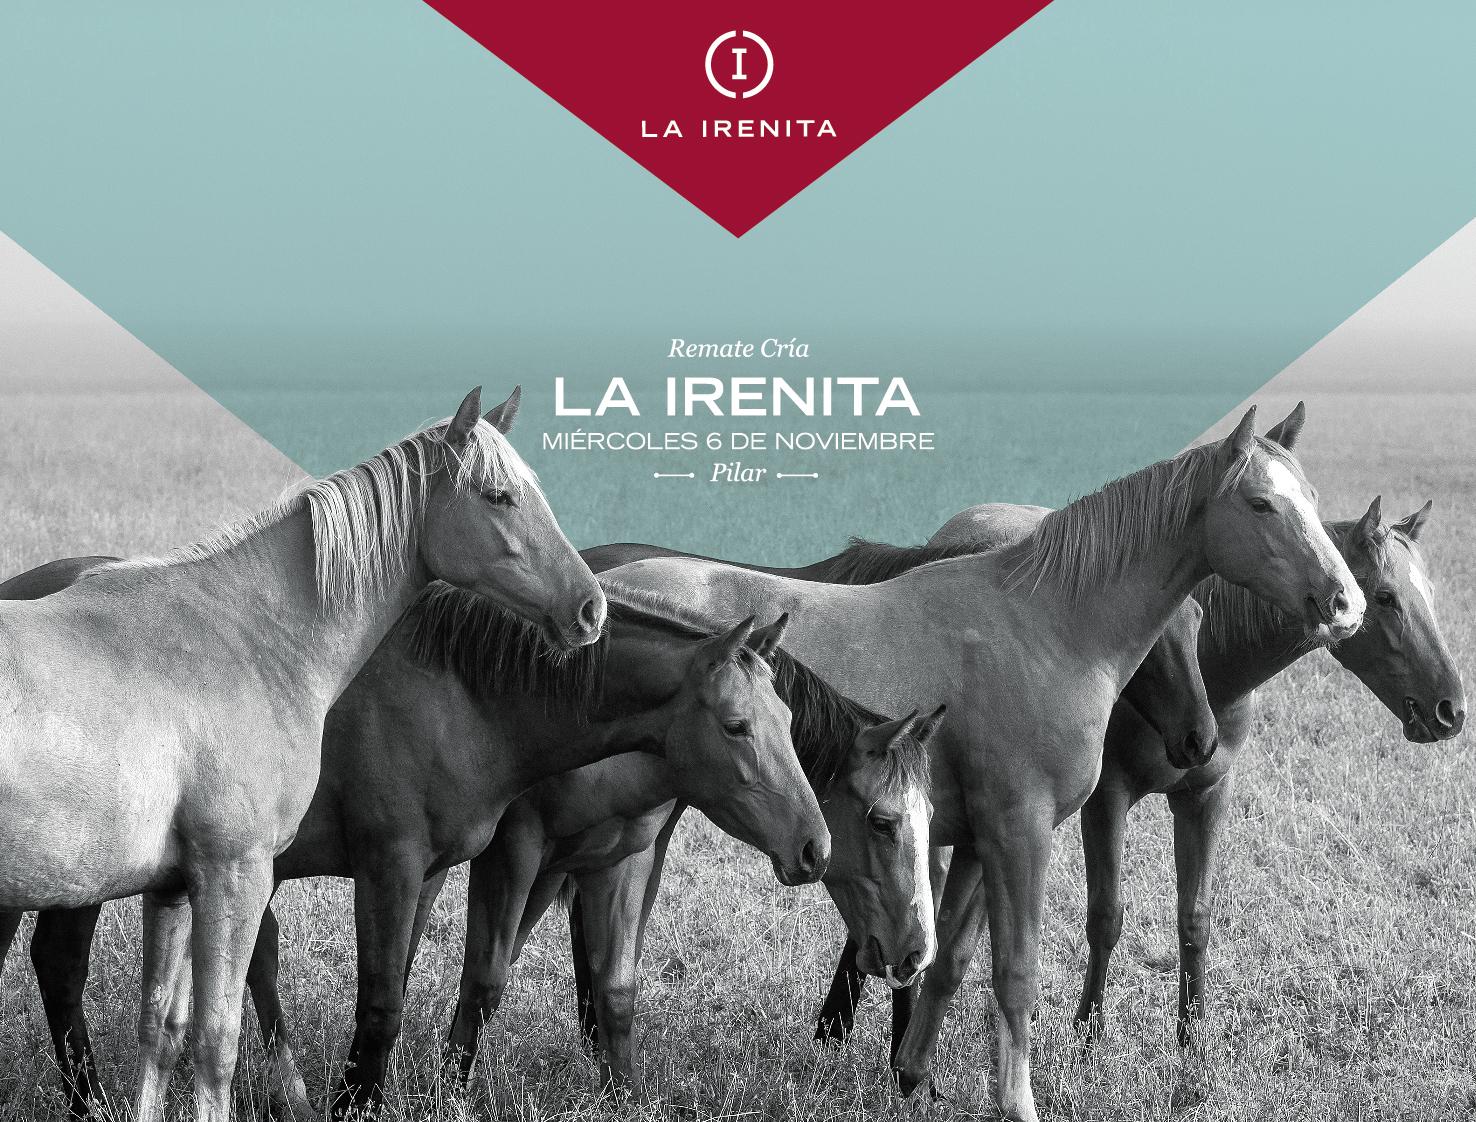 La Irenita